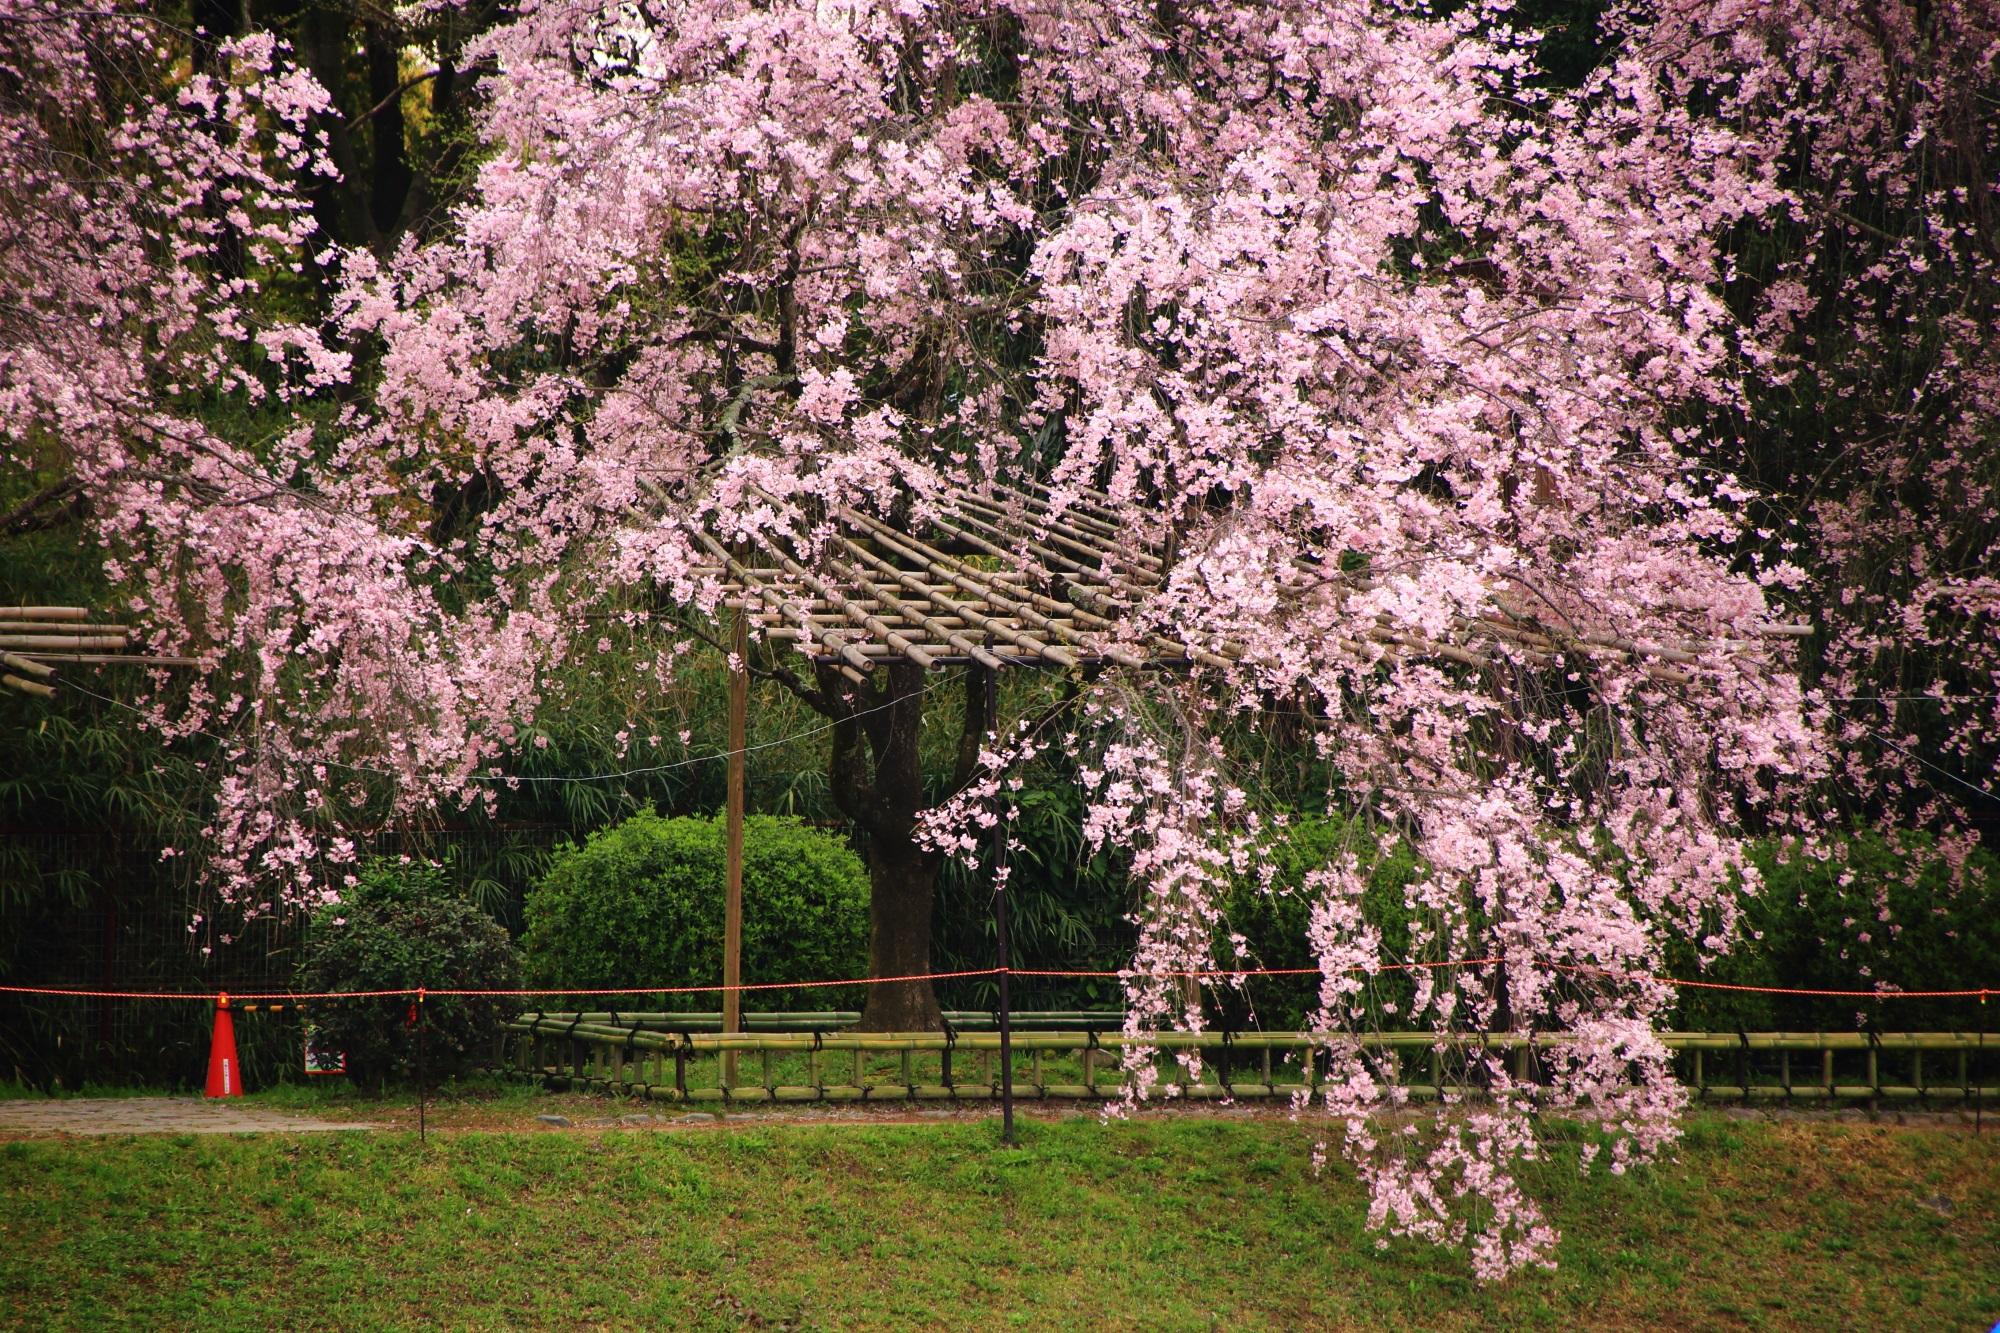 弾け飛ばんとばかりに咲き乱れる圧巻のしだれ桜